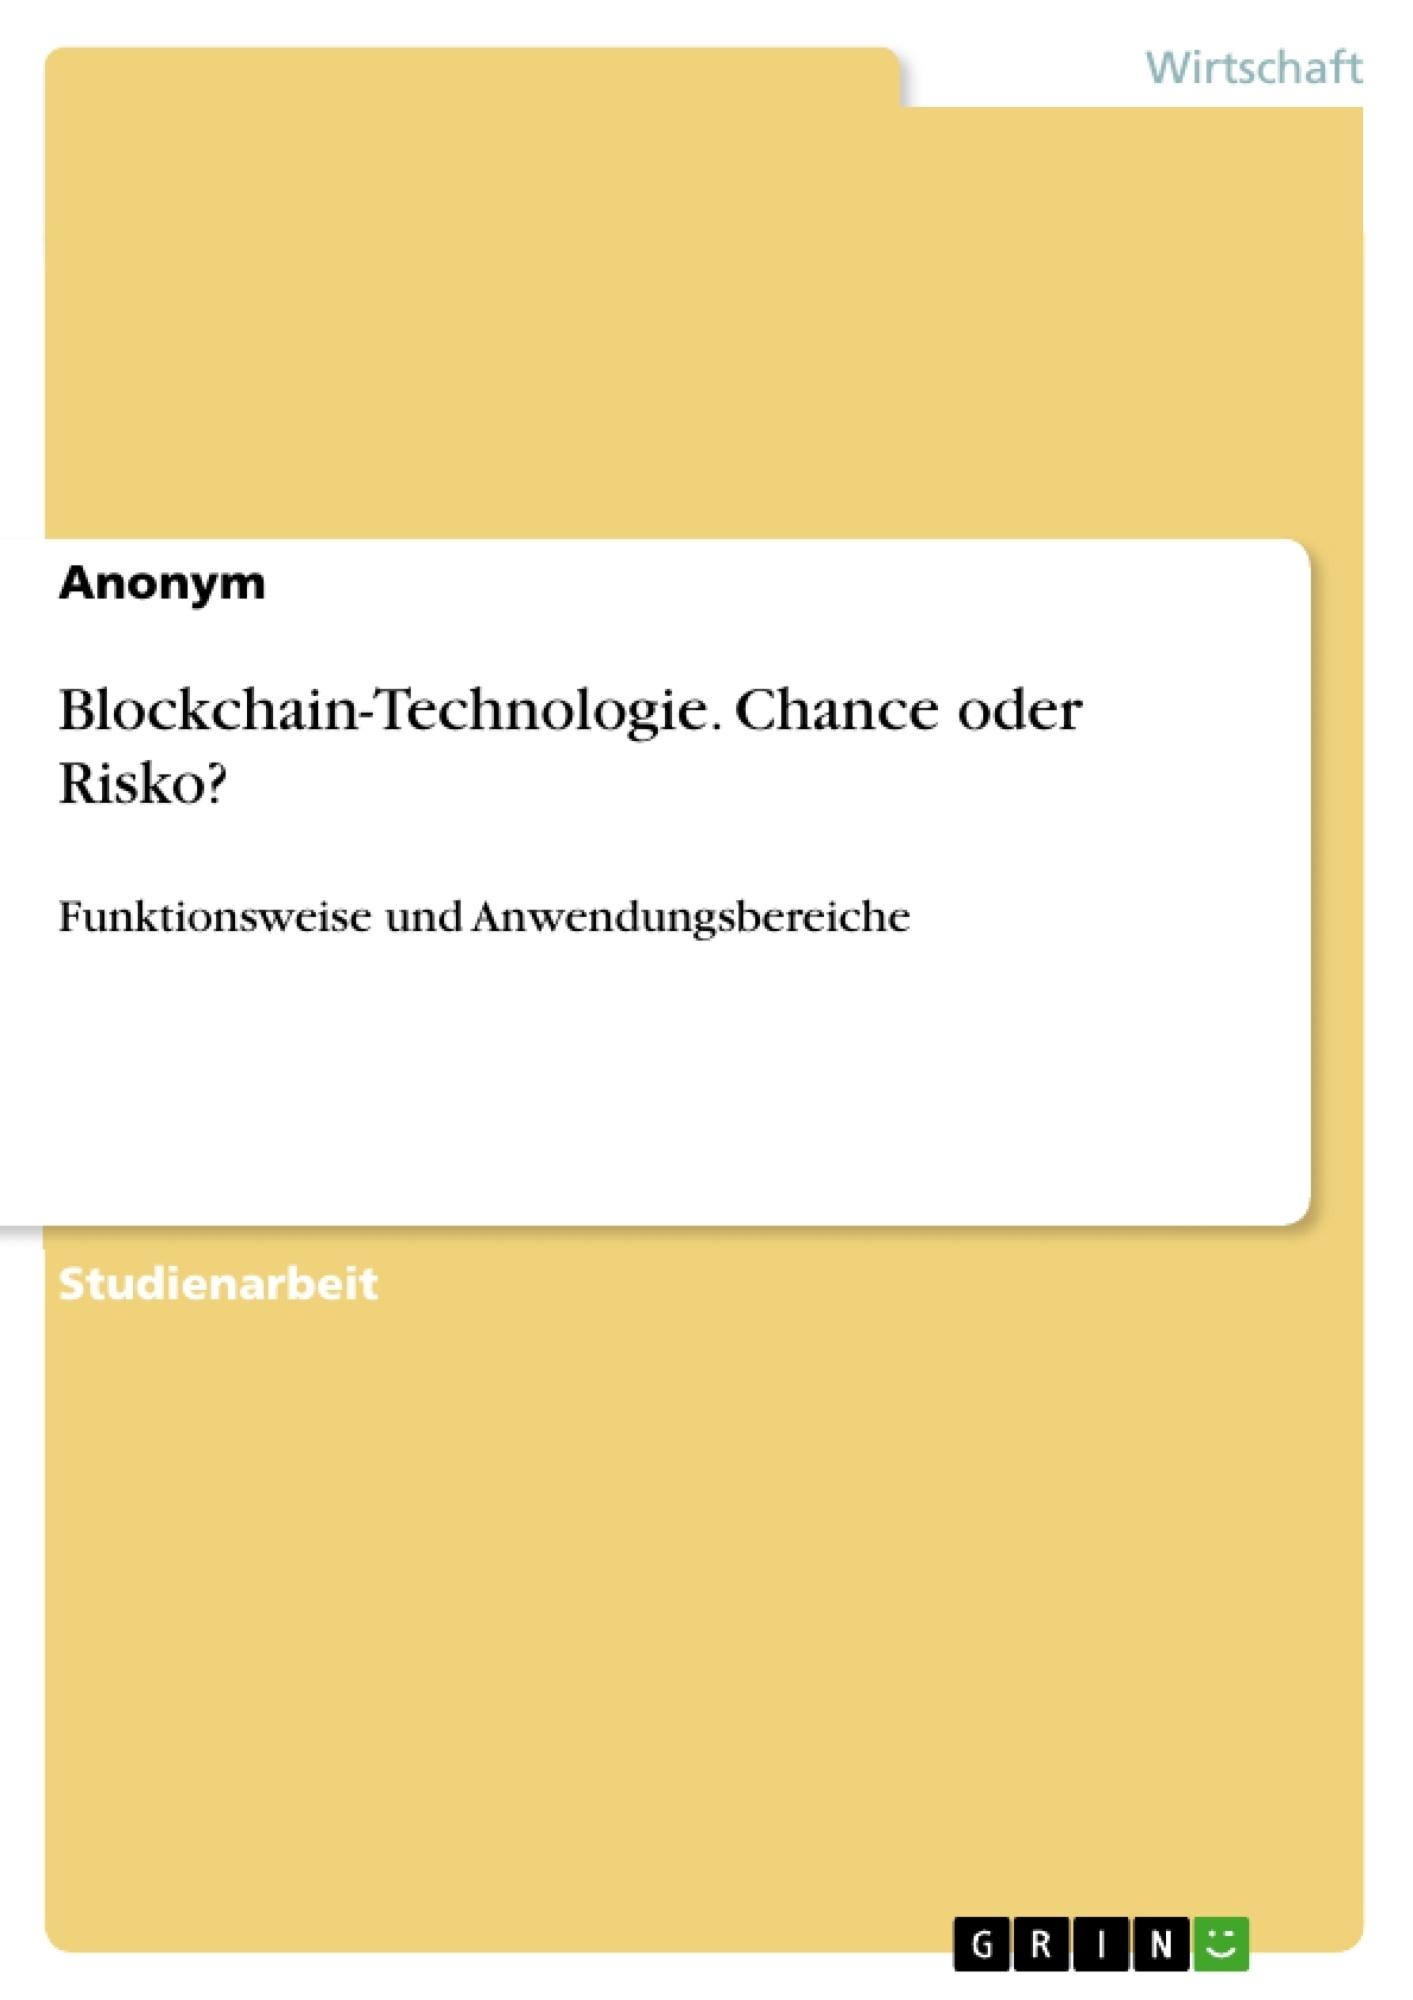 Titel: Blockchain-Technologie. Chance oder Risko?